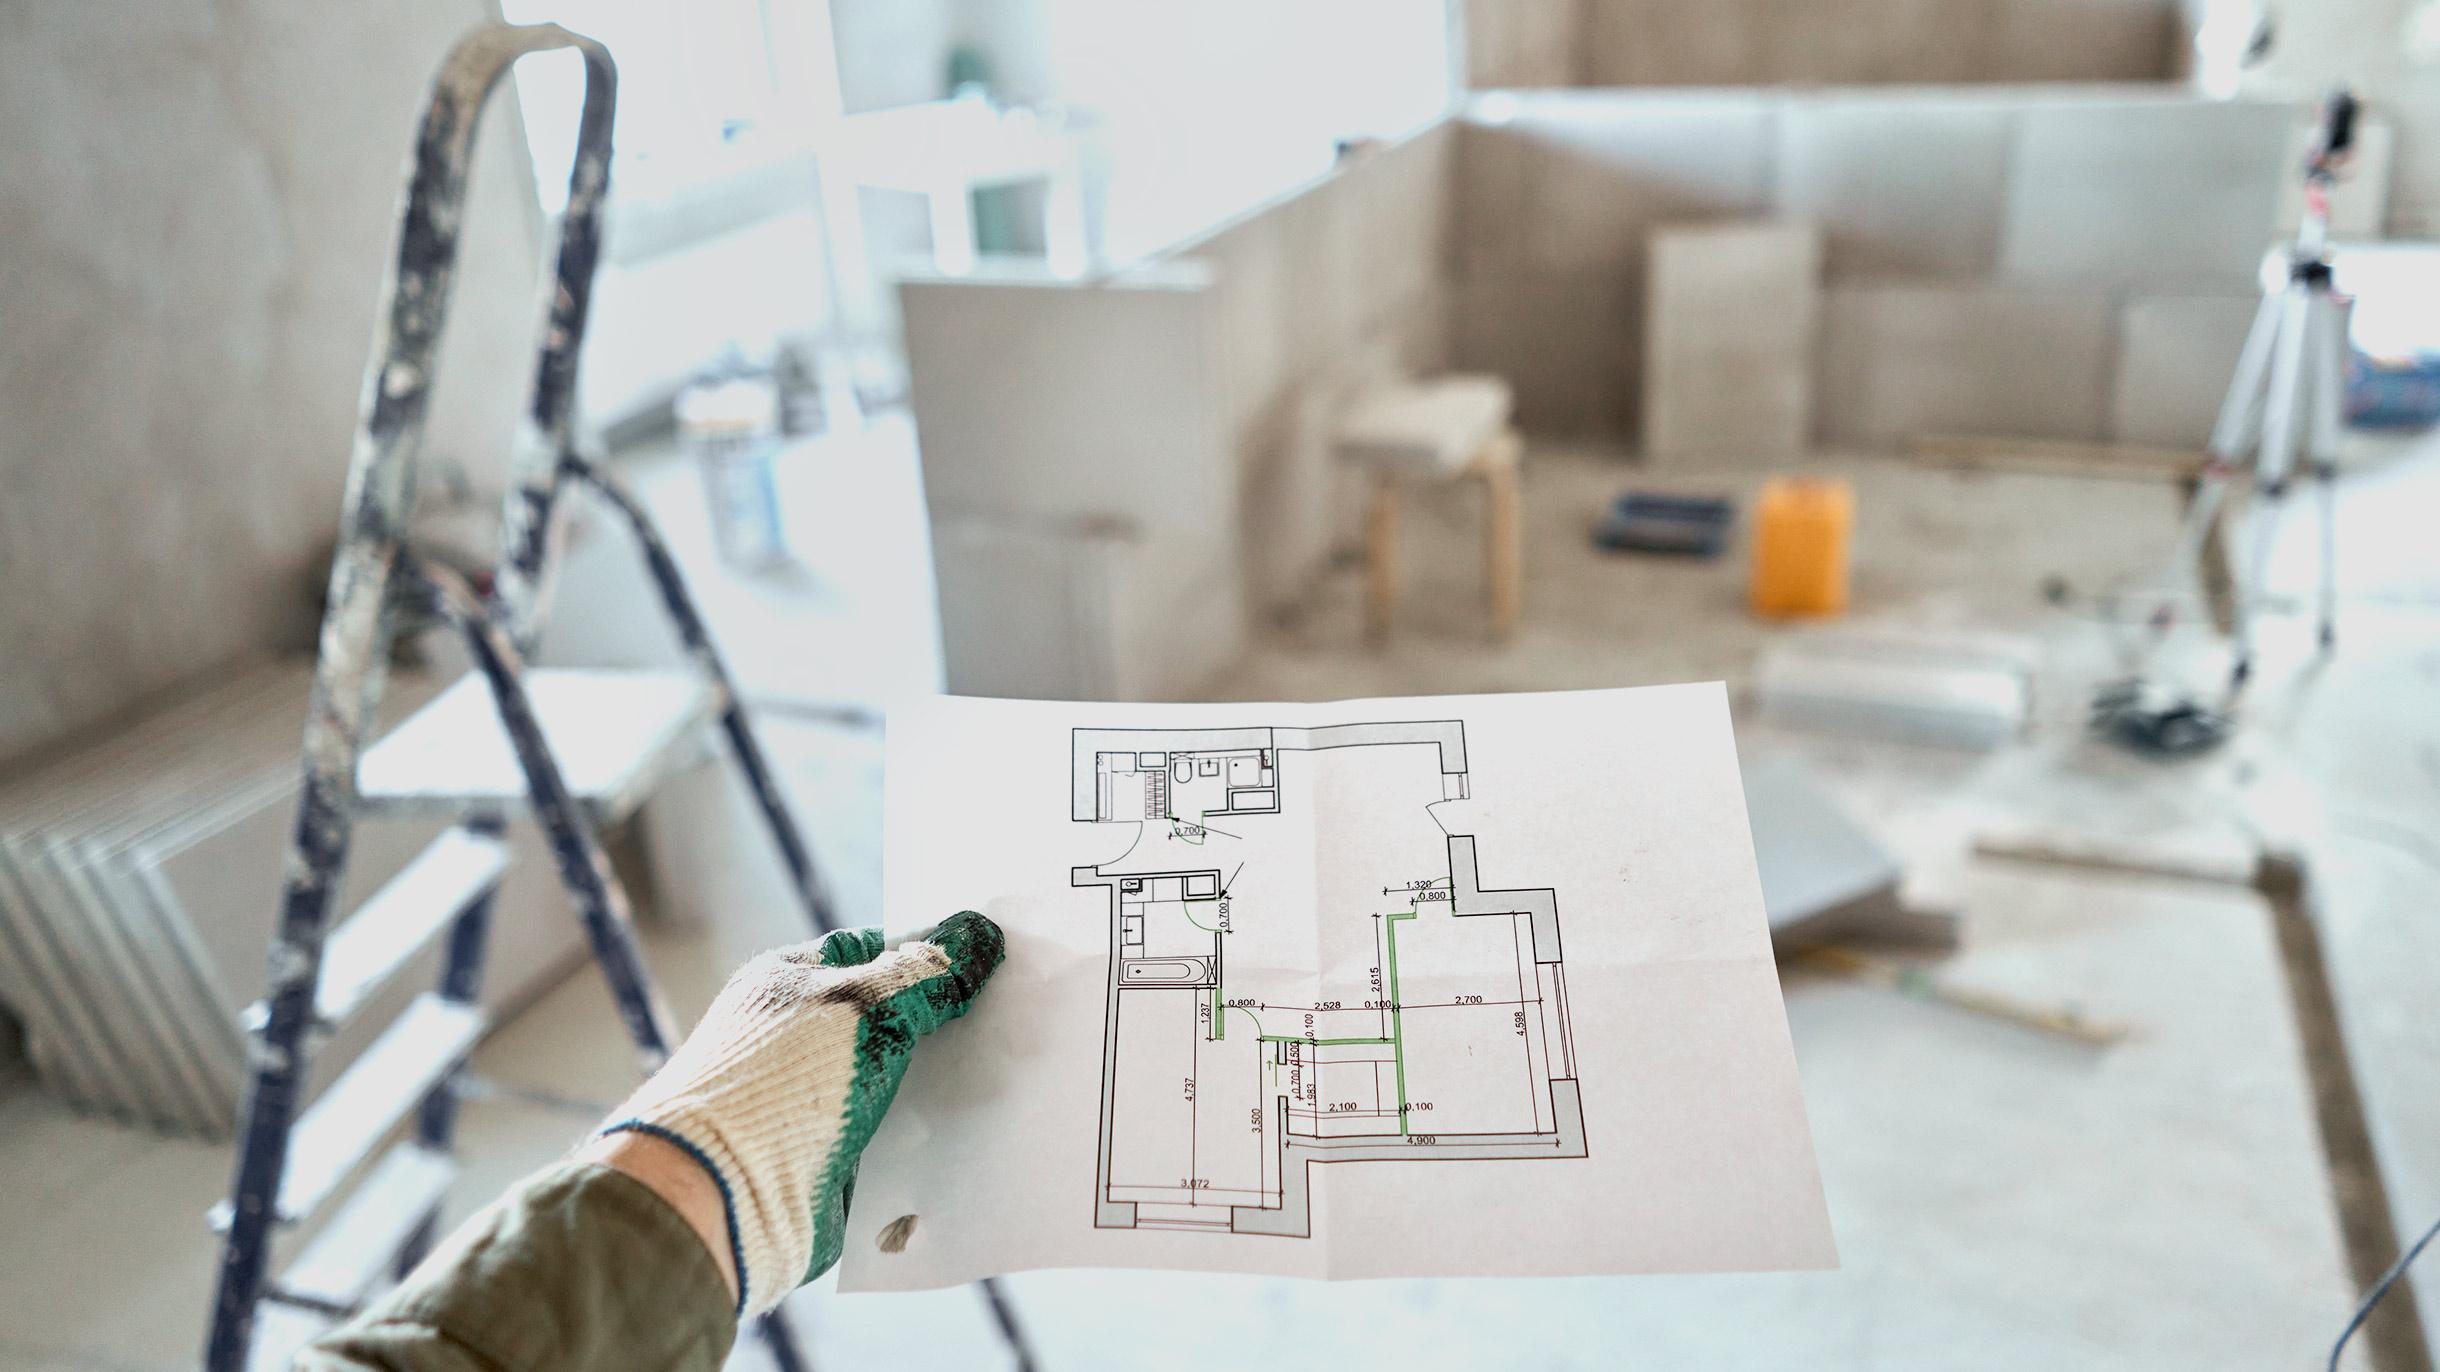 Как выбрать квартиру по чертежу и не переплатить